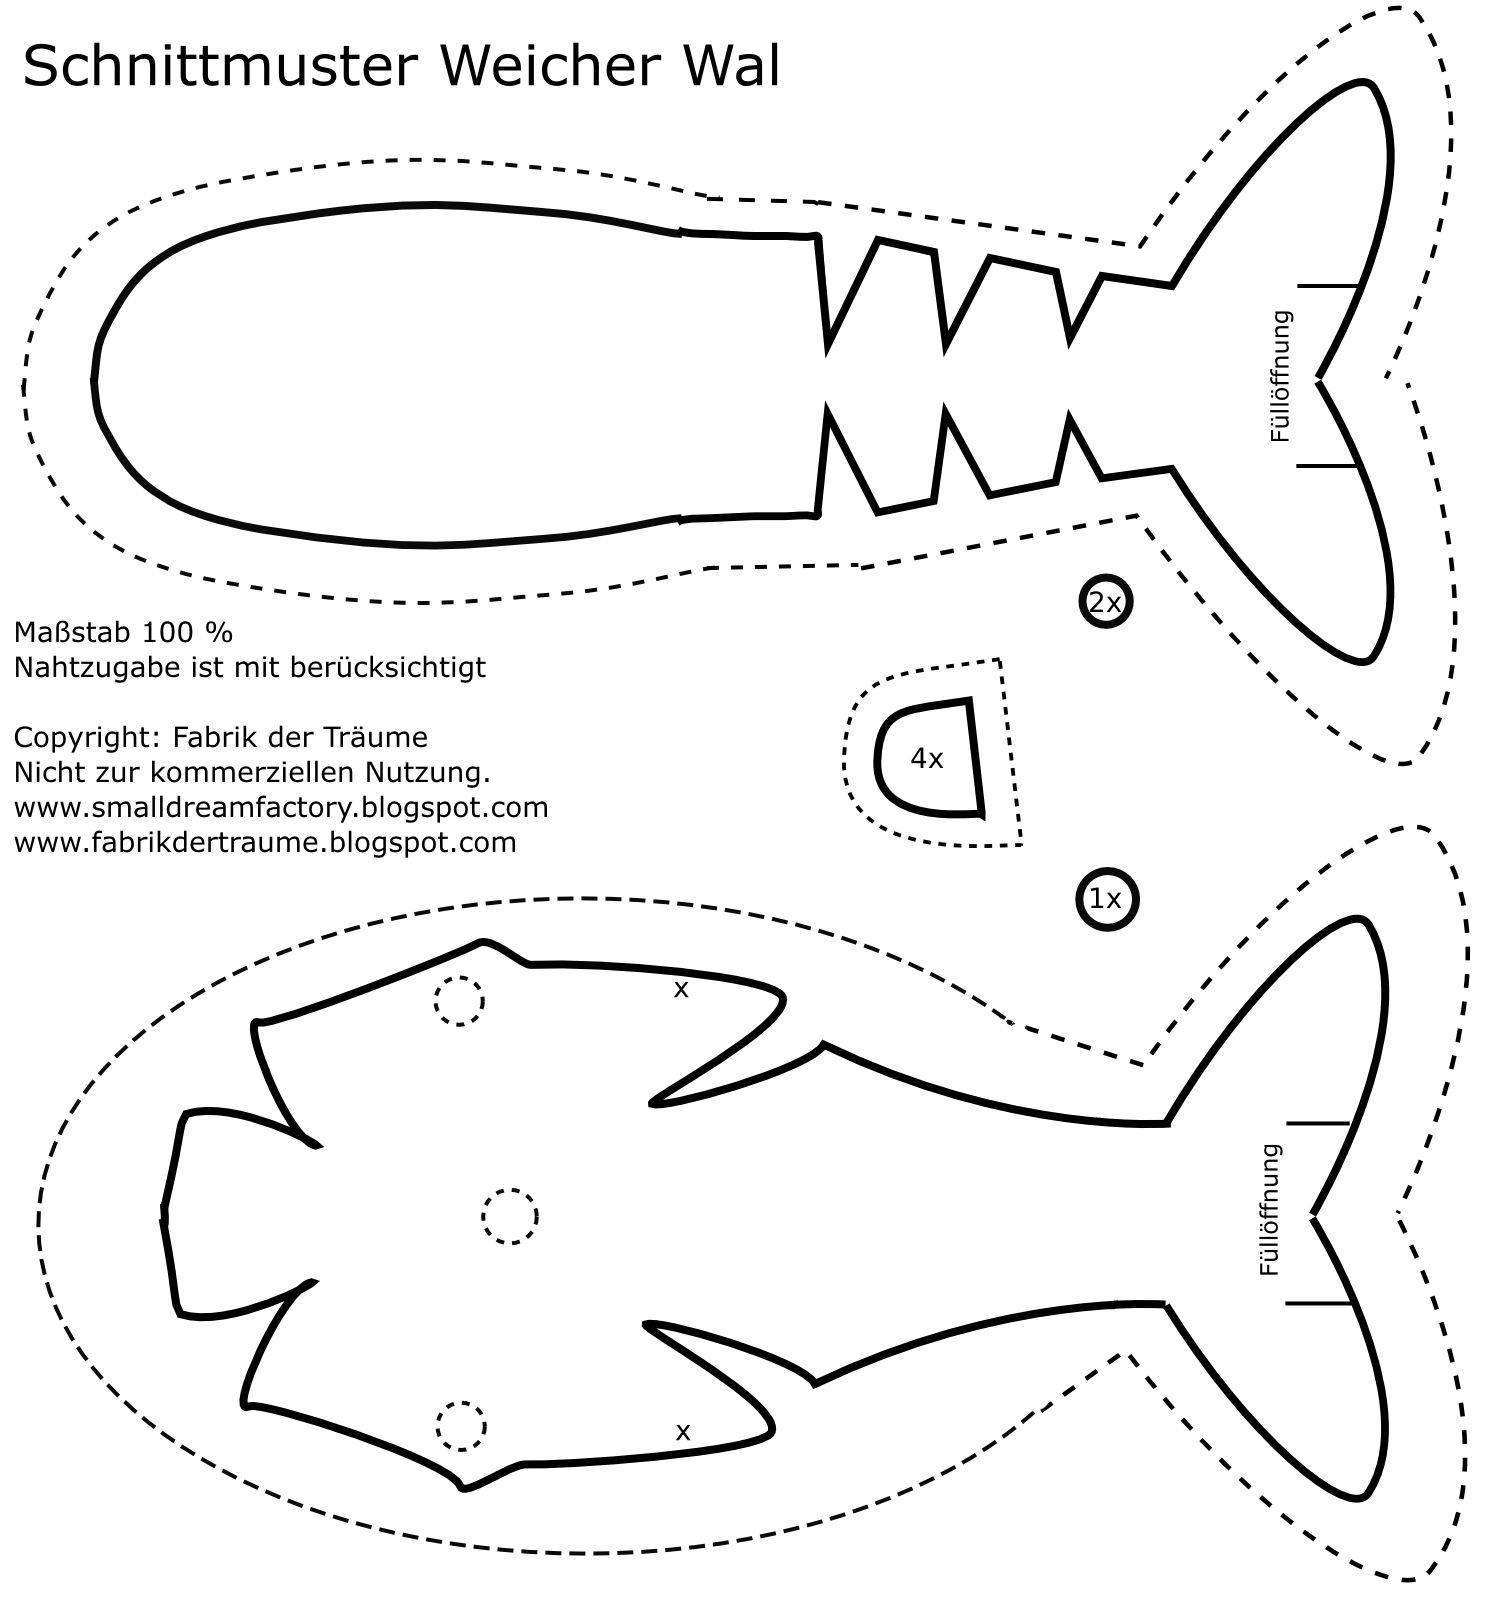 Kostenloses Schnittmuster für einen Wal - stuffed toy pattern sewing ...